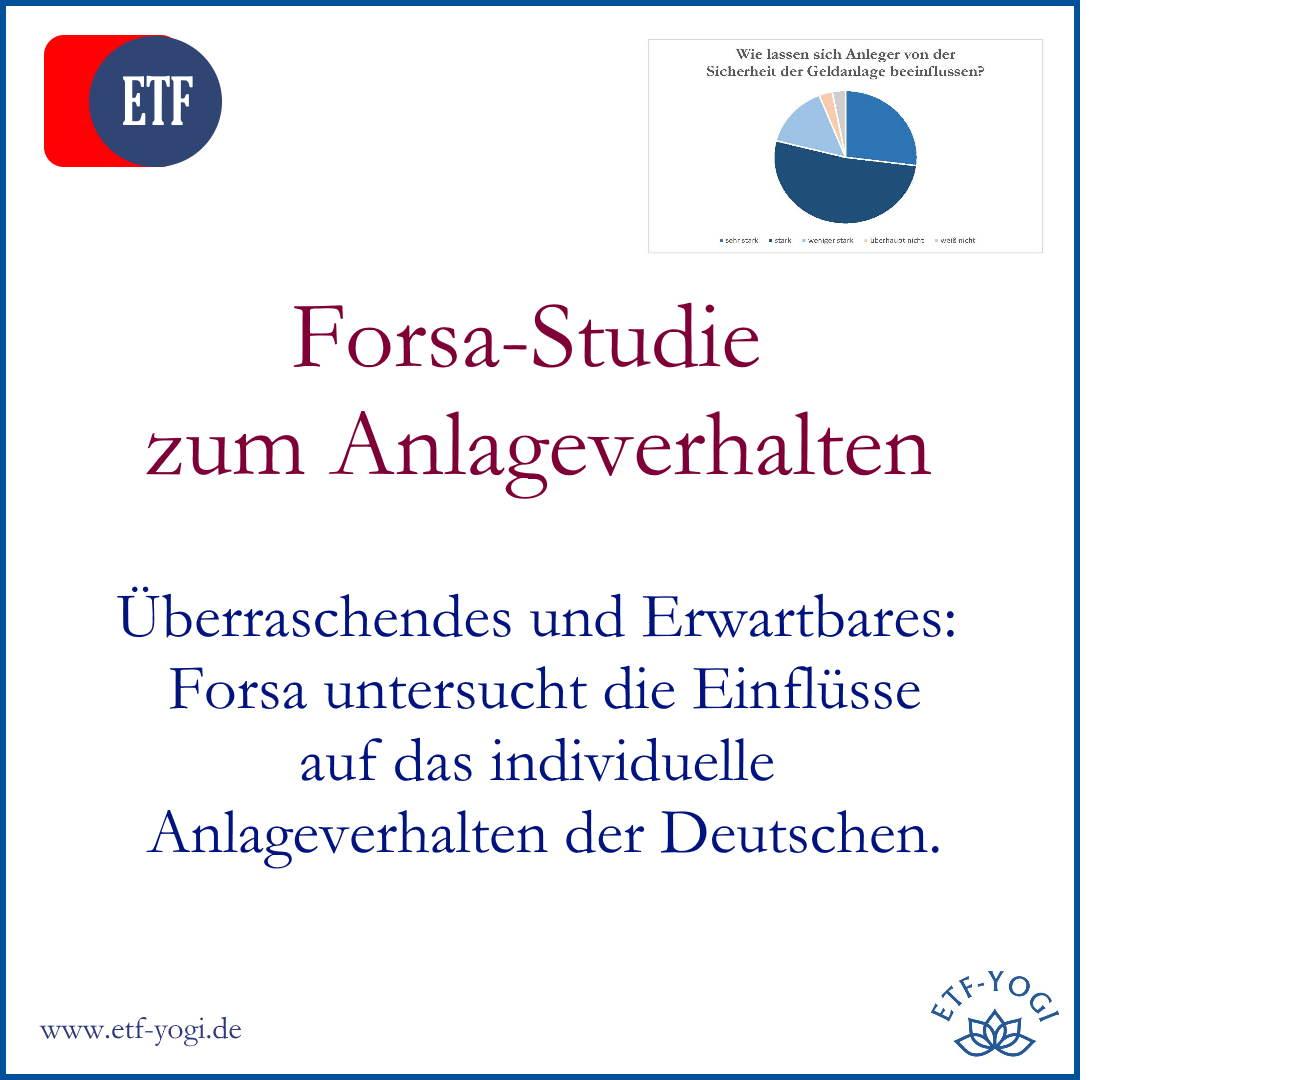 Studie: Anlageverhalten der Deutschen – Sicherheit wichtig